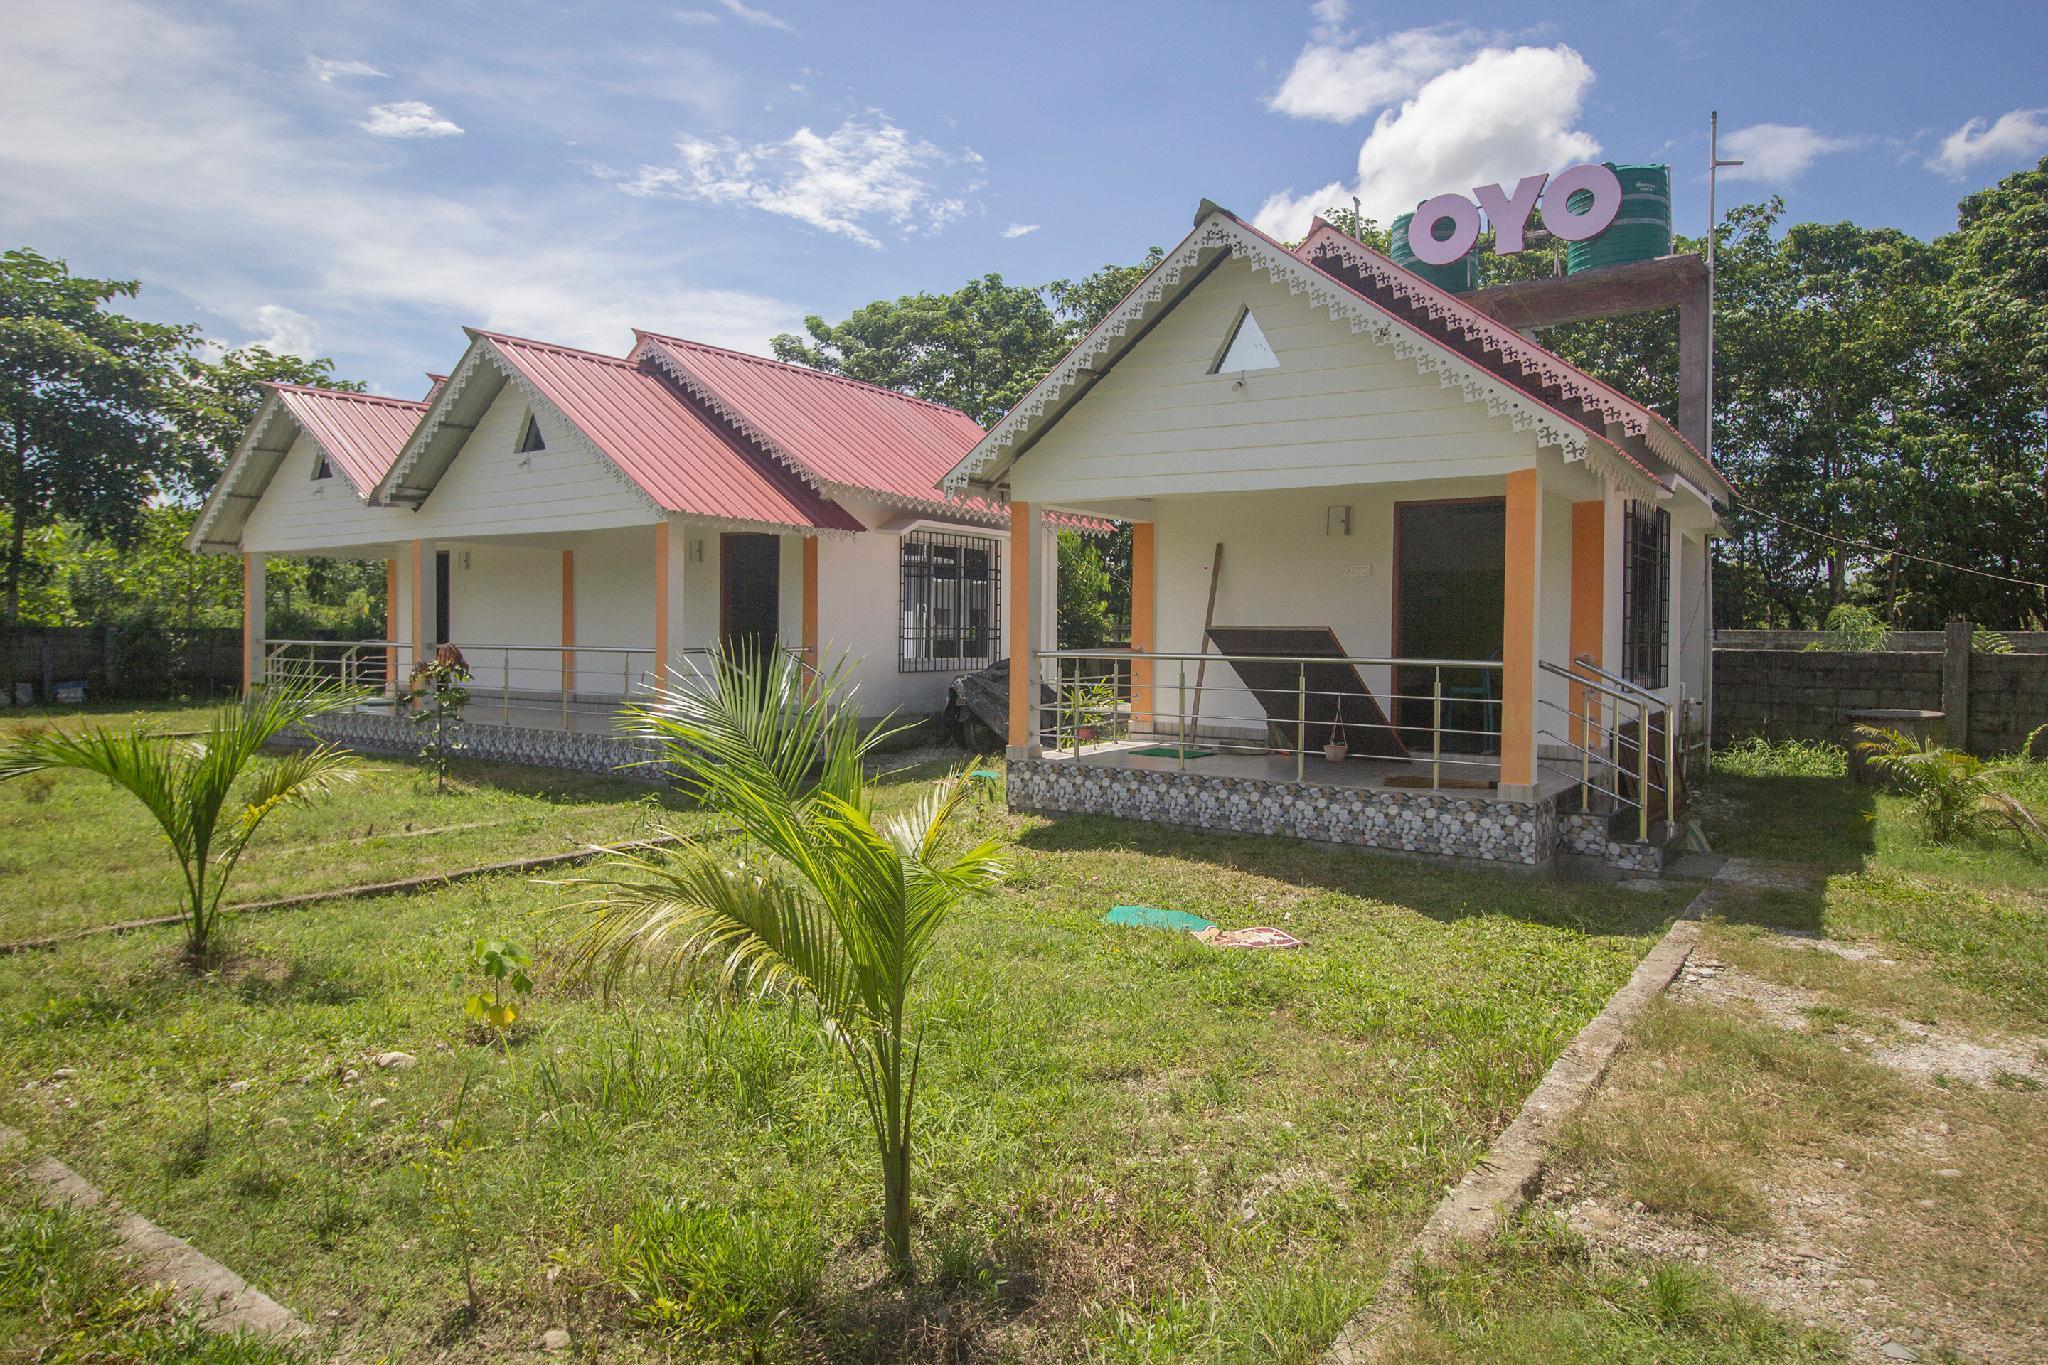 OYO 48611 Jaldapara Eco Stay